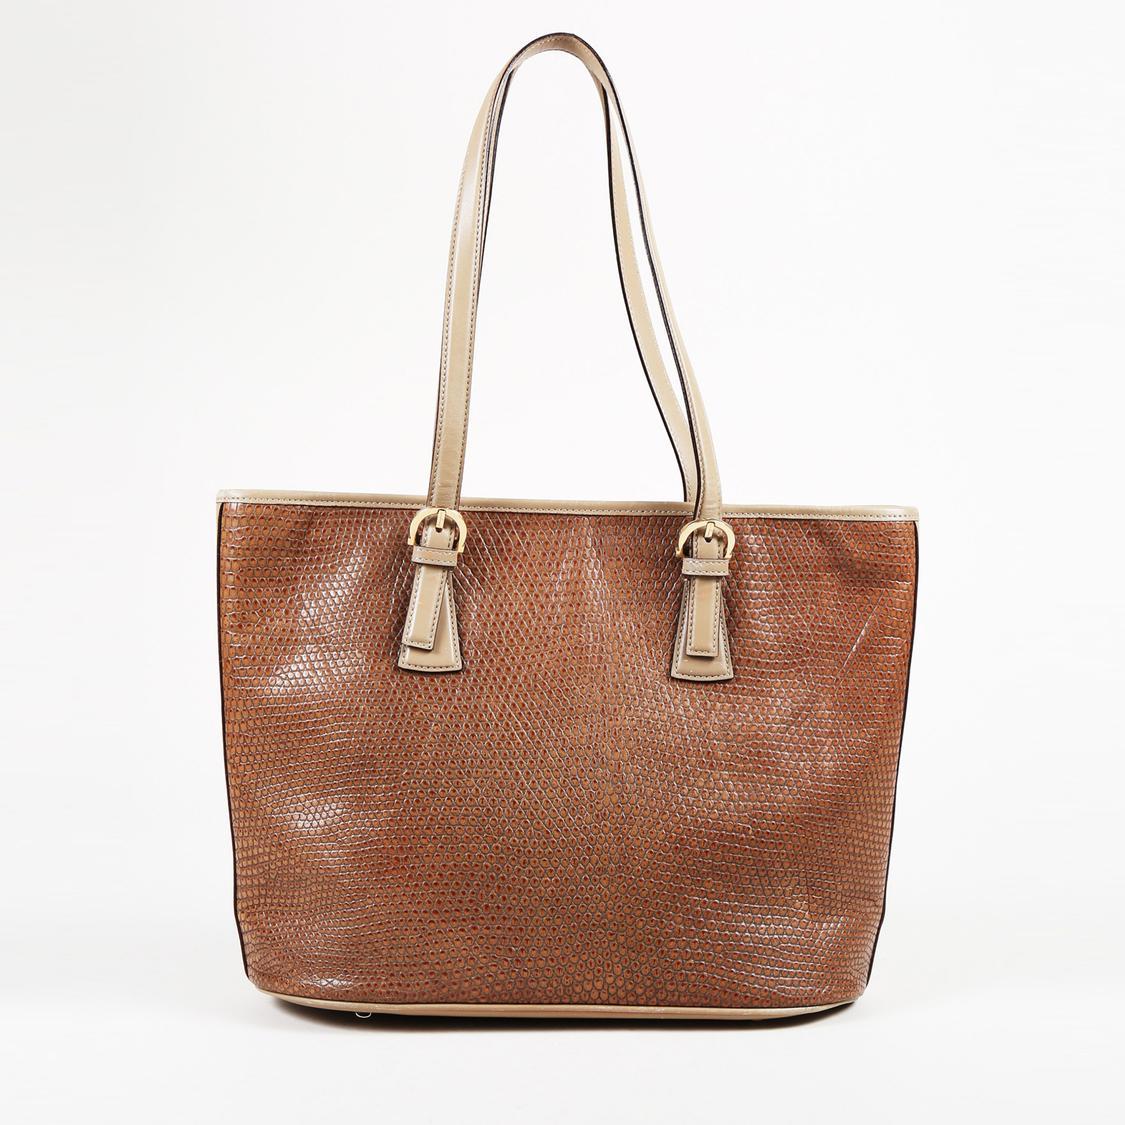 6533b5ae665b Lyst - Ferragamo Brown Embossed Leather Shoulder Bag in Brown